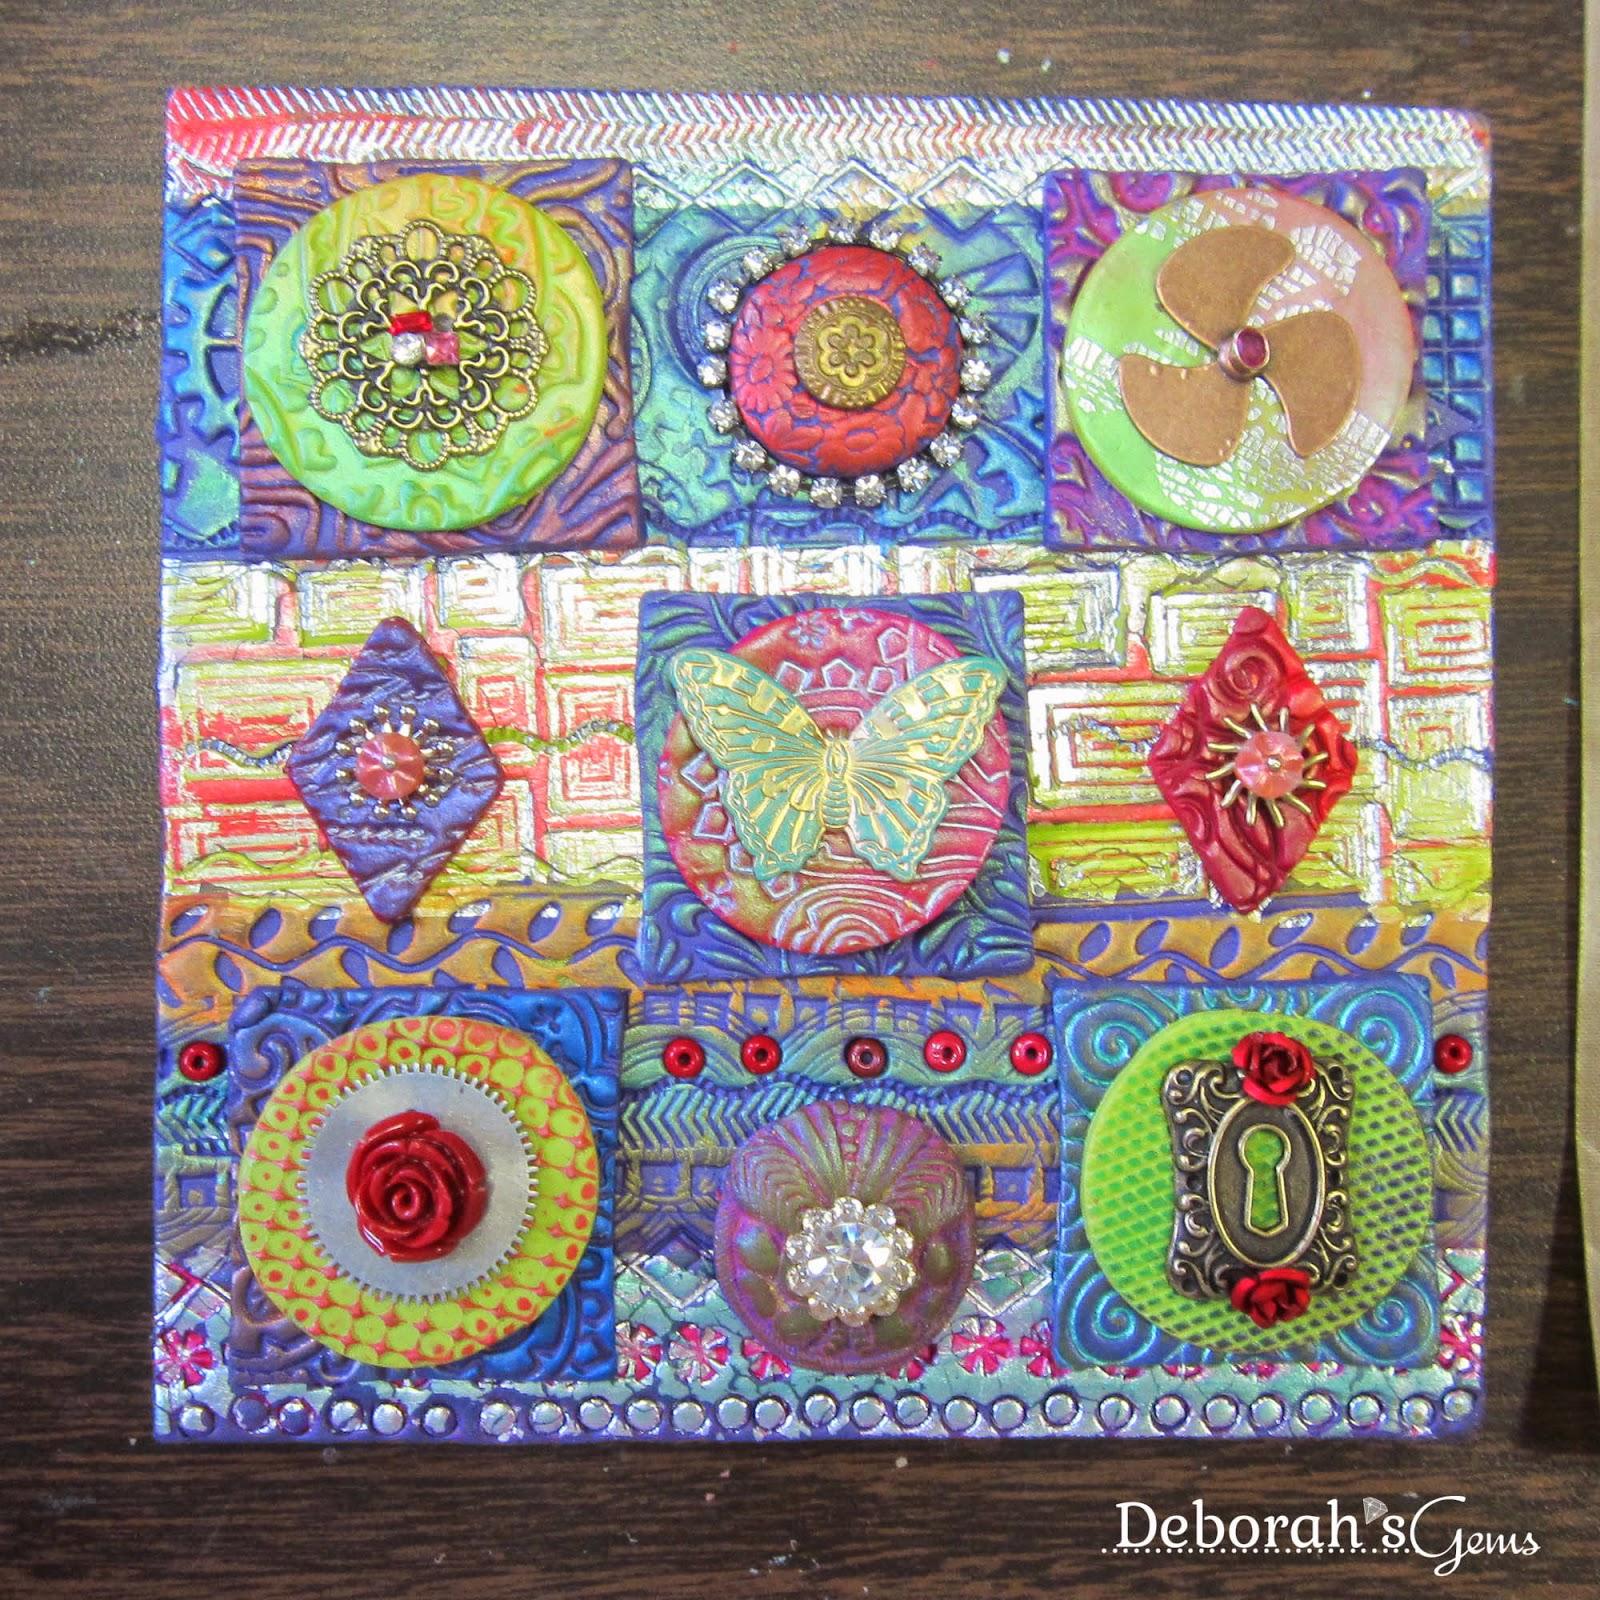 Deborah's Quilt - photo by Deborah Frings - Deborah's Gem